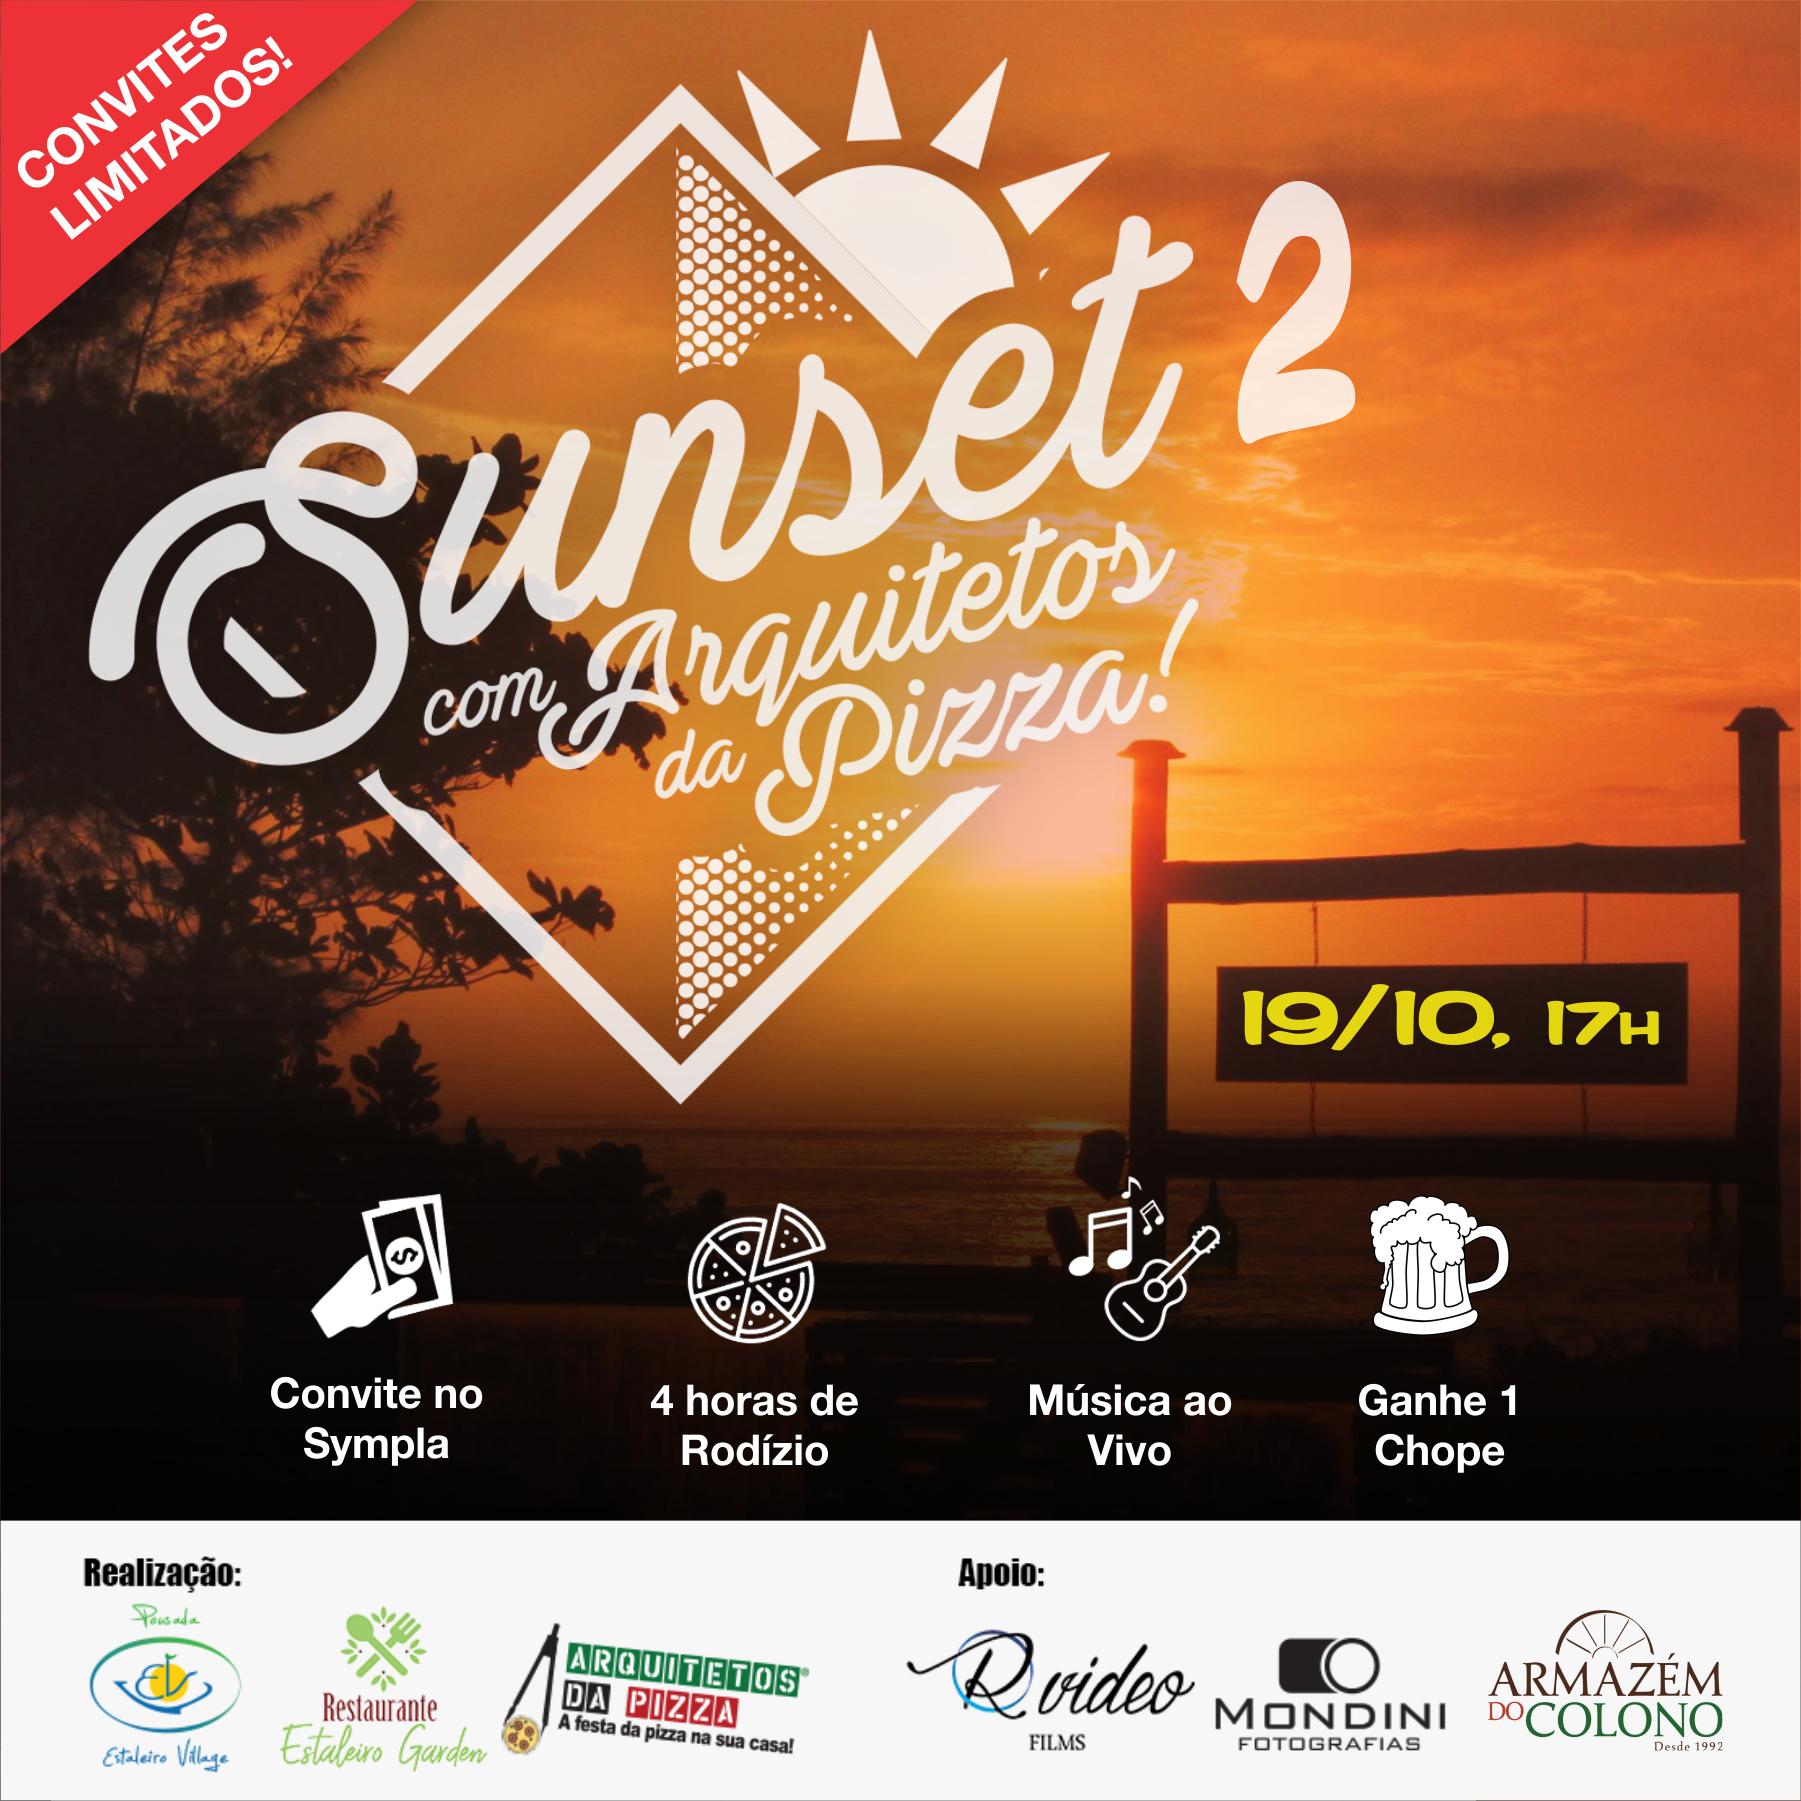 Convite Sunset